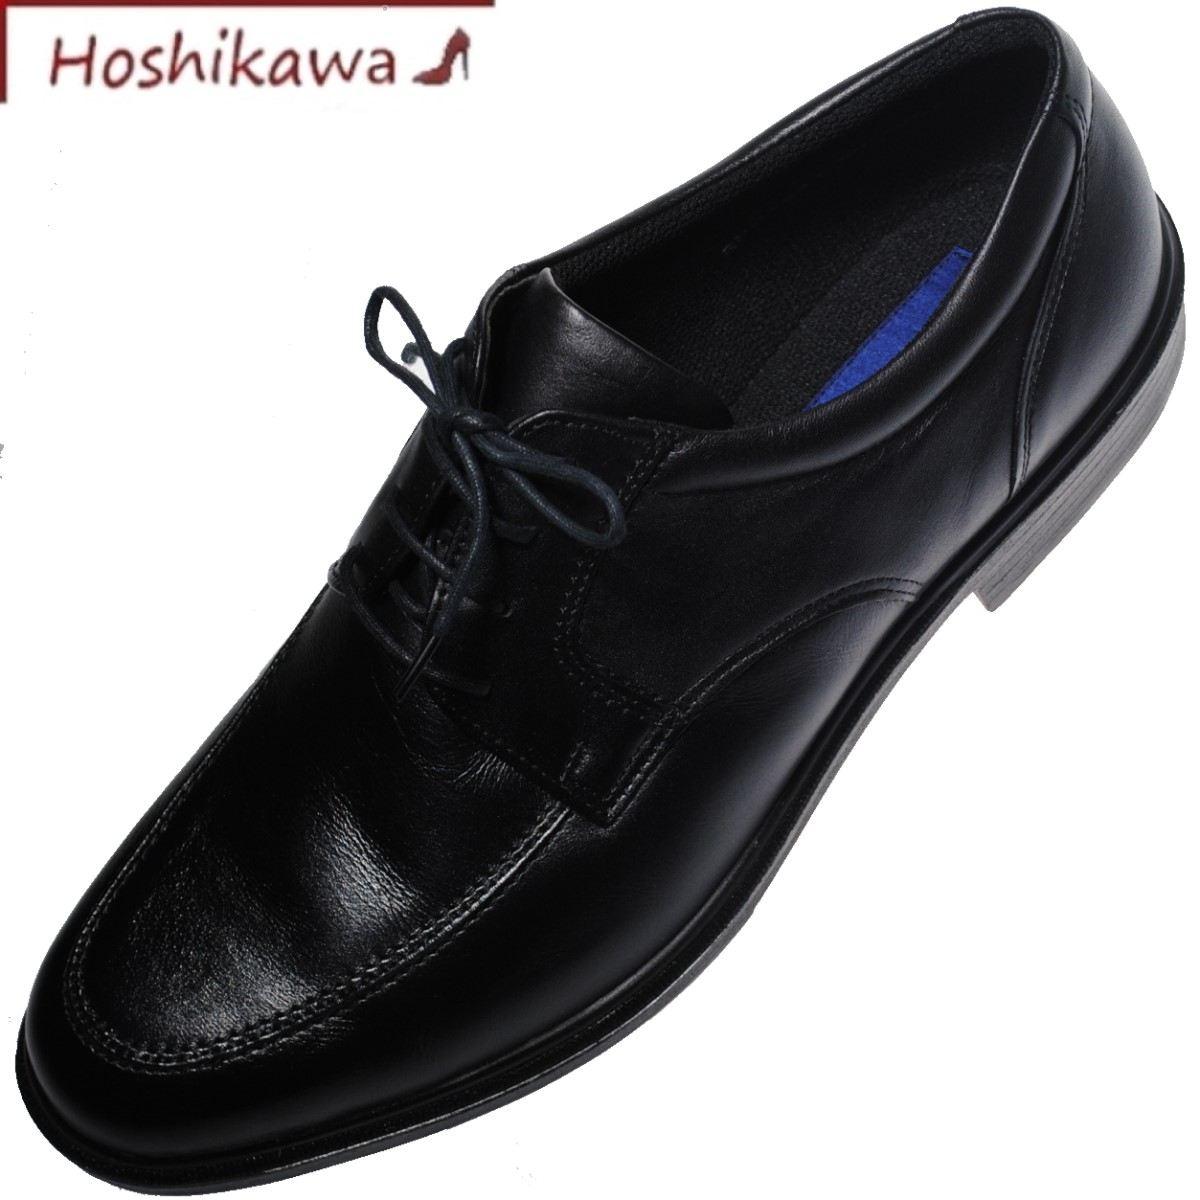 ムーンスター スポルス 至上 月星 天然皮革 紳士用 通勤 幅広 高額売筋 メンズ24cm~28cm SPORTH 外羽根 SPH4941 ブラックビジネスシューズ EEEE本革 靴のHOSHIKAWA